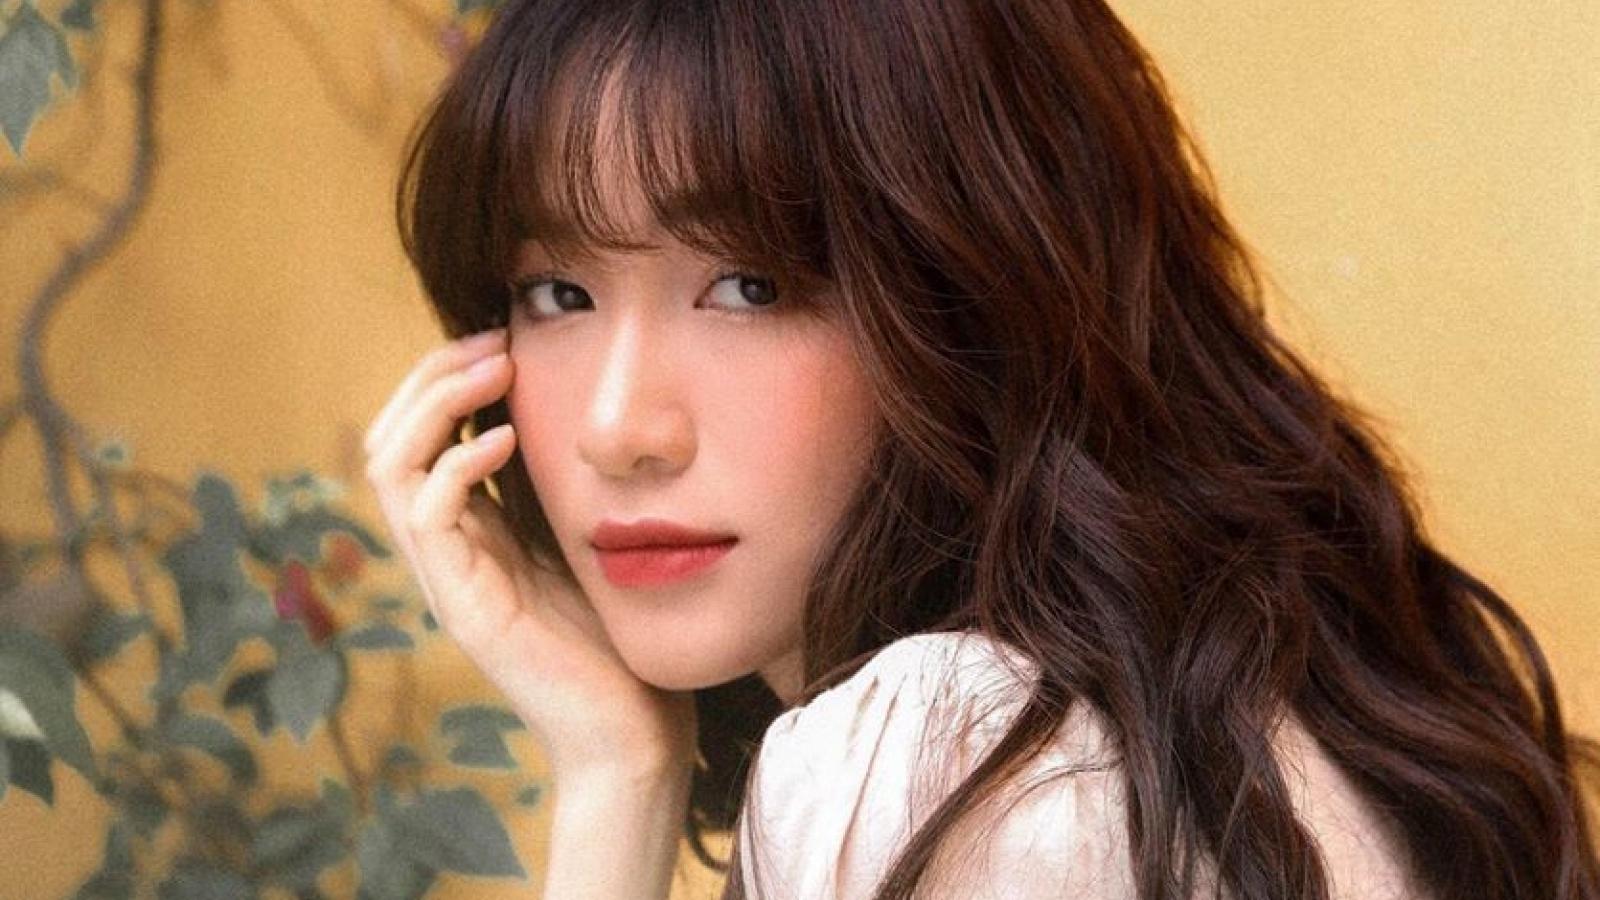 Chuyện showbiz: Hòa Minzy chia sẻ lý do sinh con nhưng chưa tổ chức cưới